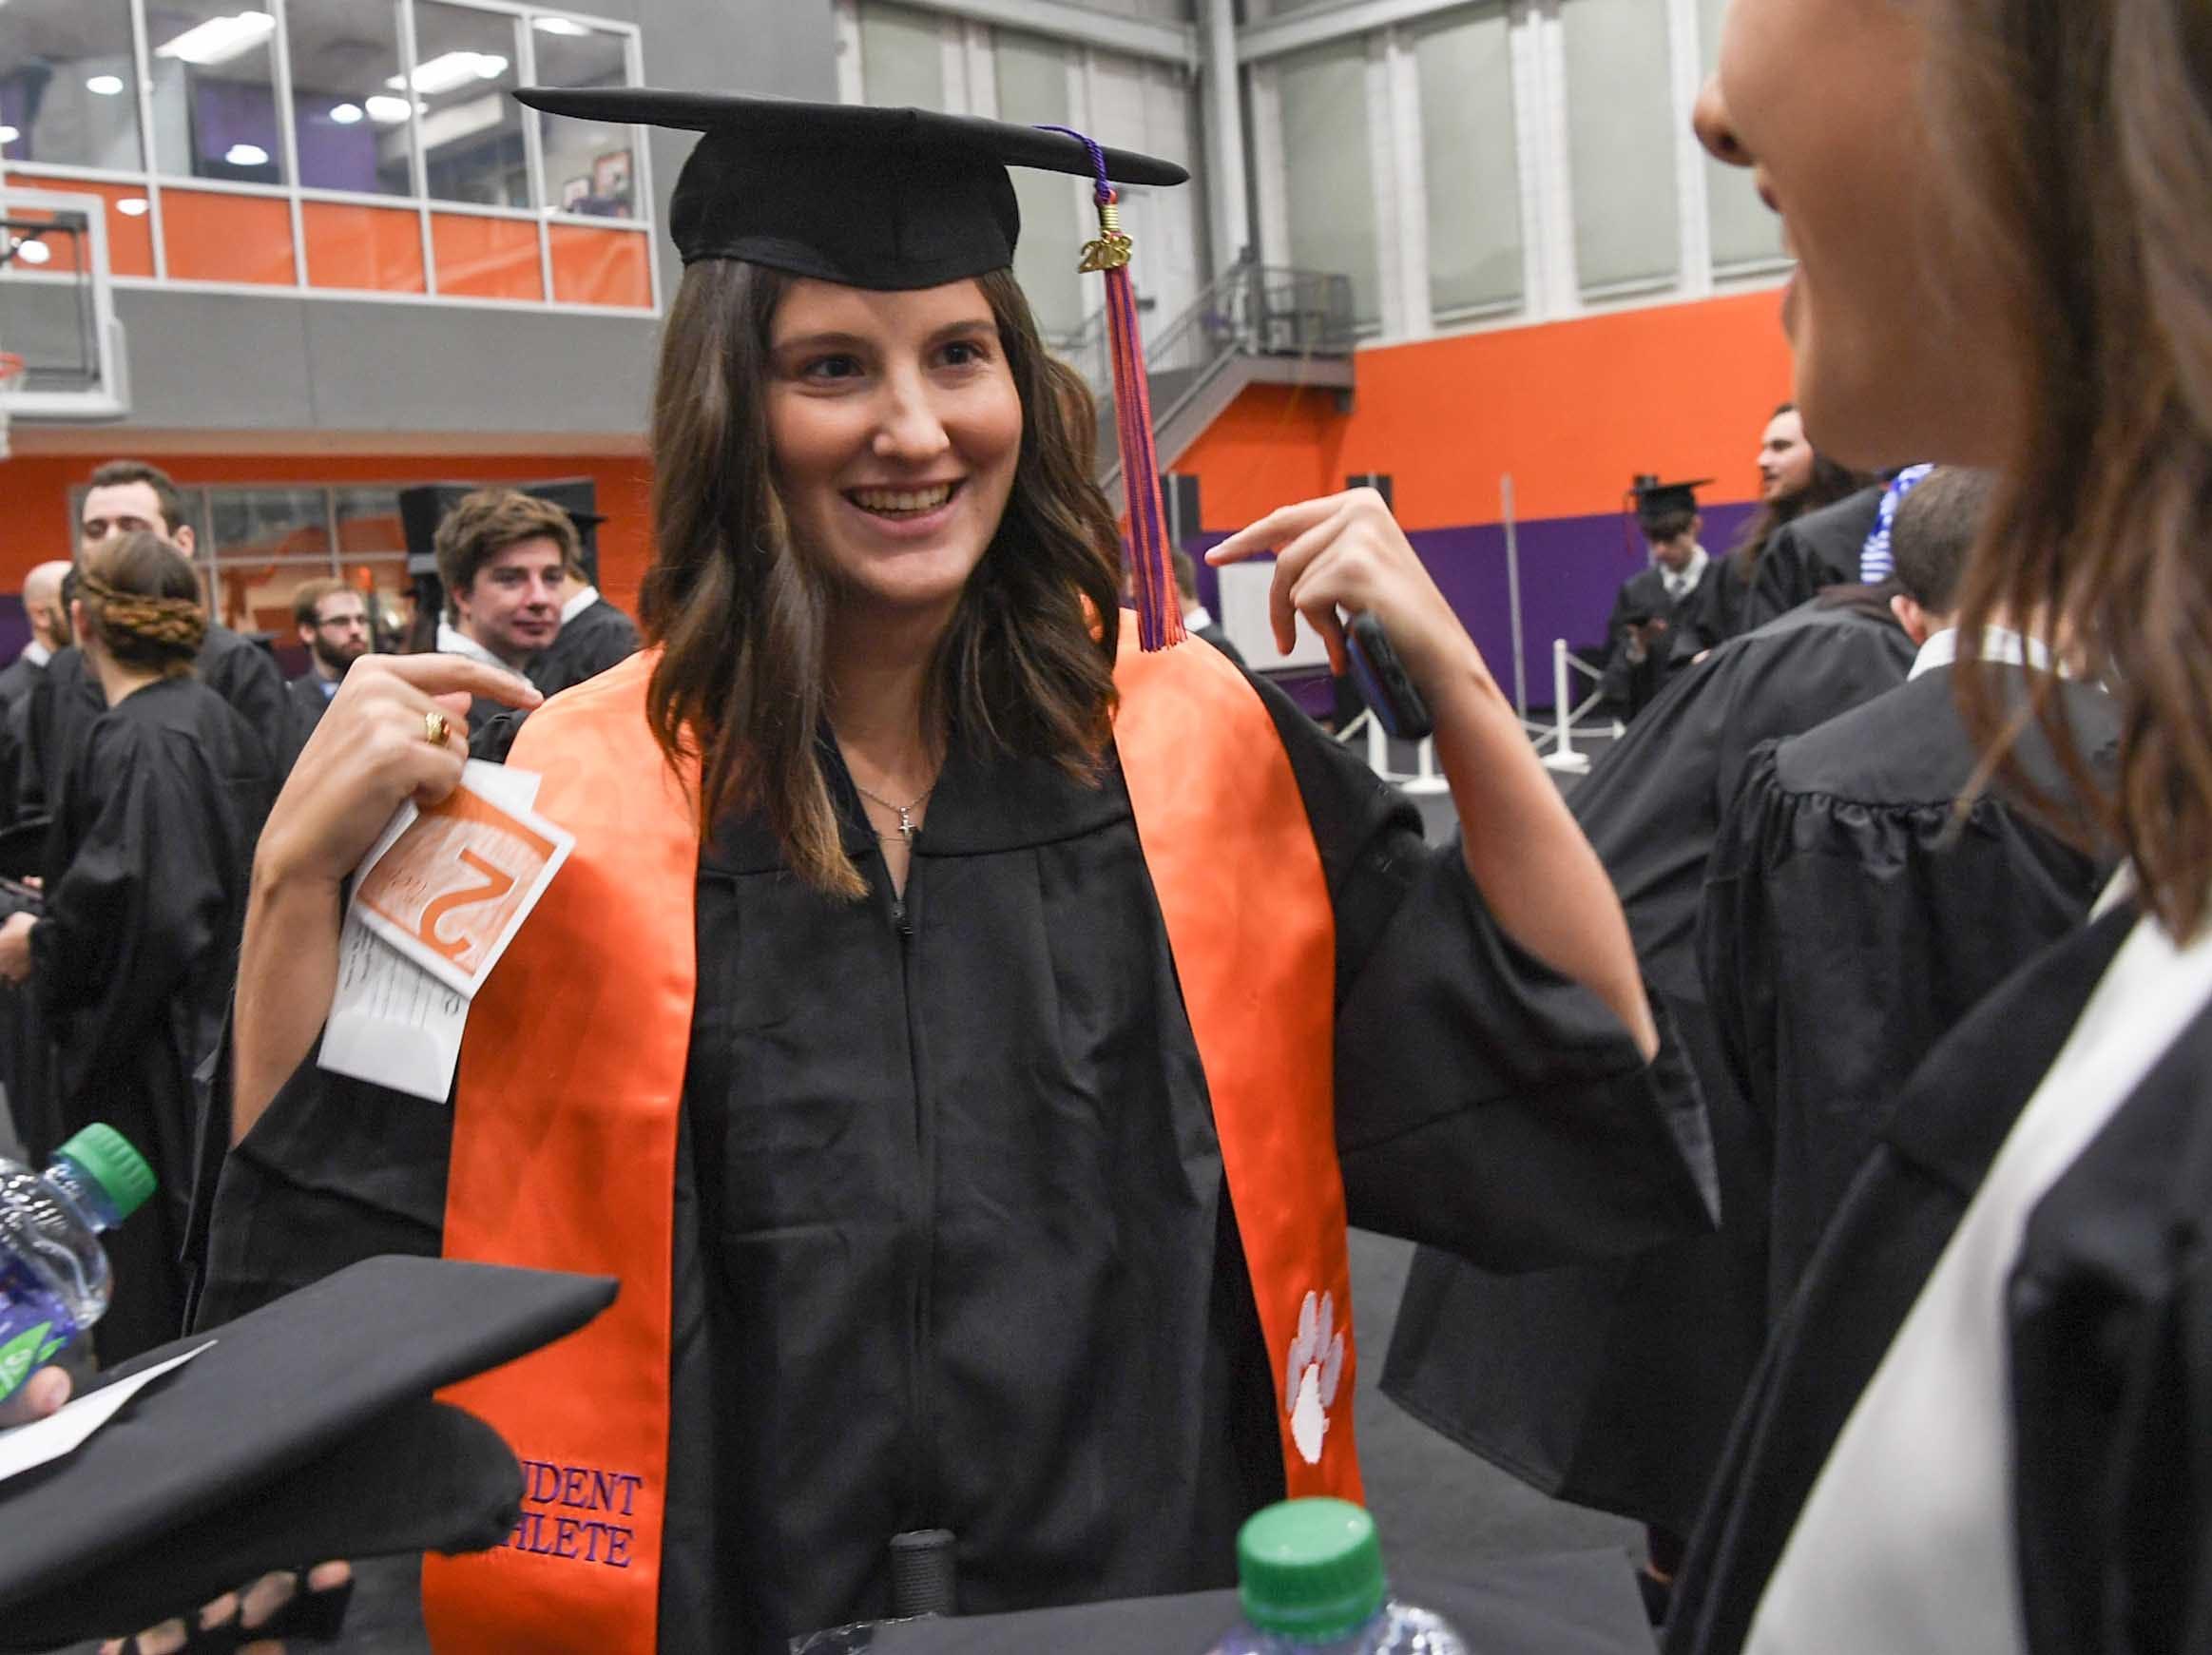 Sydney Legacy, women's golf, gets ready for Clemson University graduation ceremony Thursday morning in Littlejohn Coliseum in Clemson.